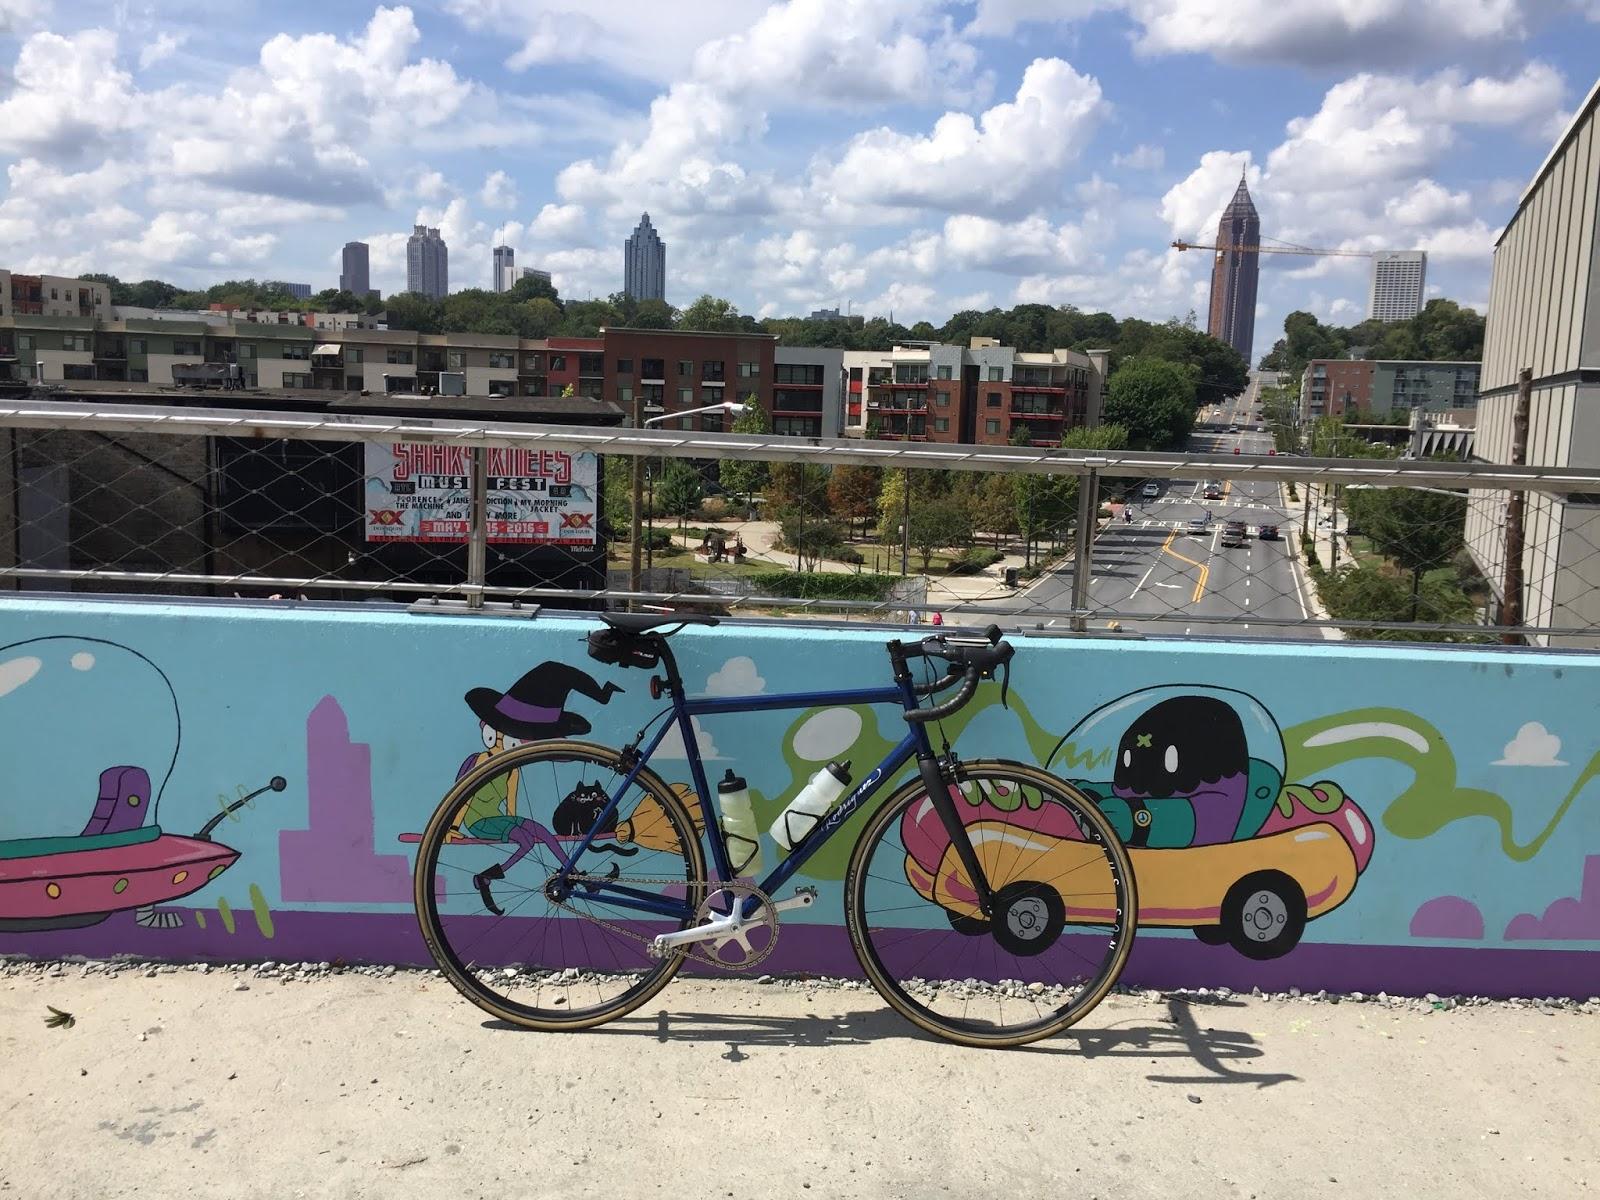 Atlbike Org Bicycle Atlanta Georgia Pnphpbb2